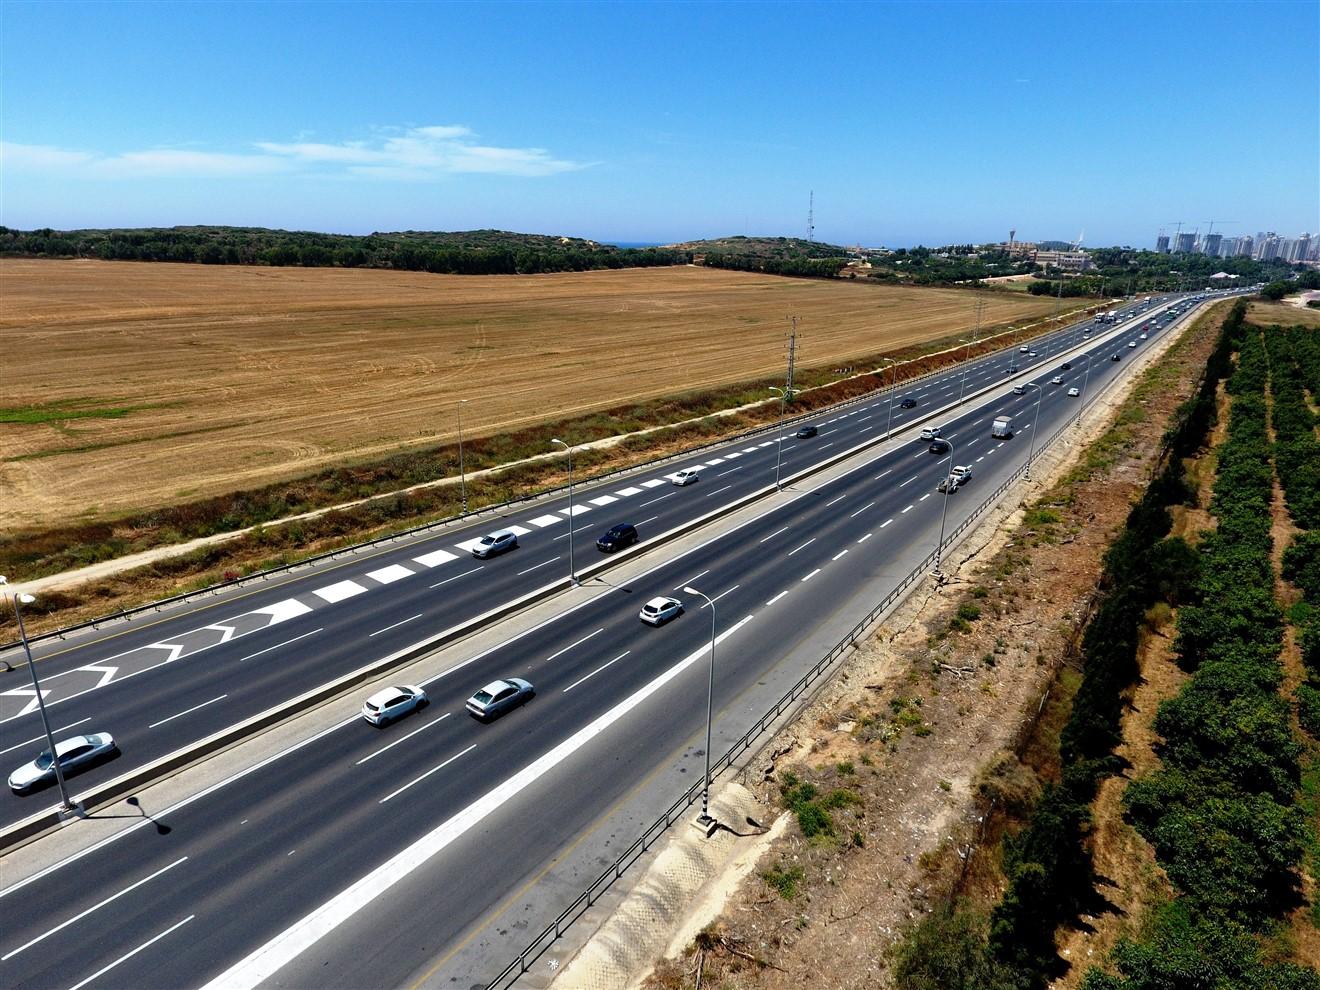 כביש 2 (צילום: דב גרינבלט, החברה להגנת הטבע)